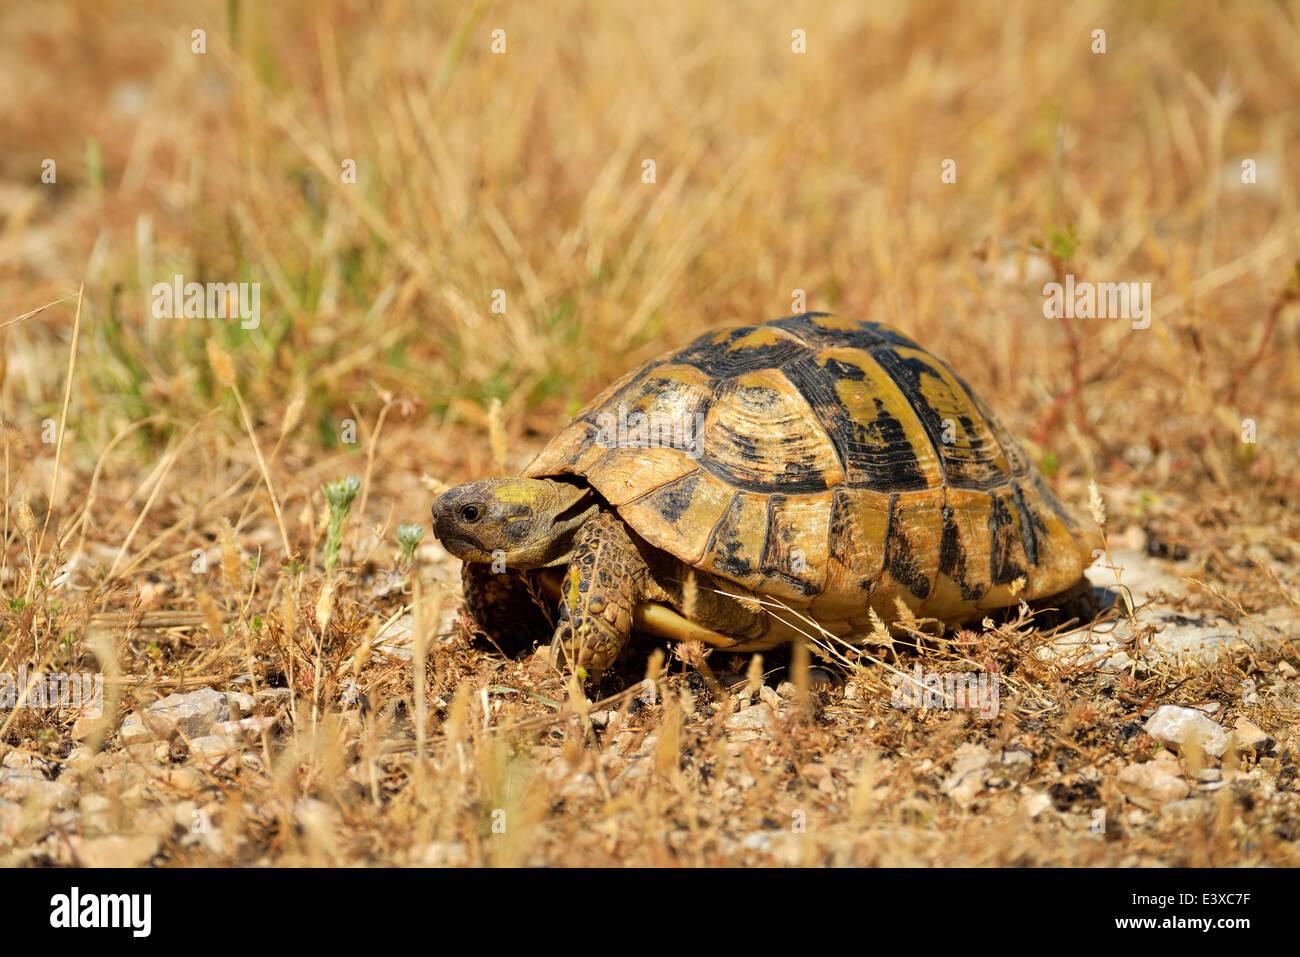 Dalmatian Tortoise (Testudo hermanni hercegovinensis), Dalmatia, Croatia Stock Photo